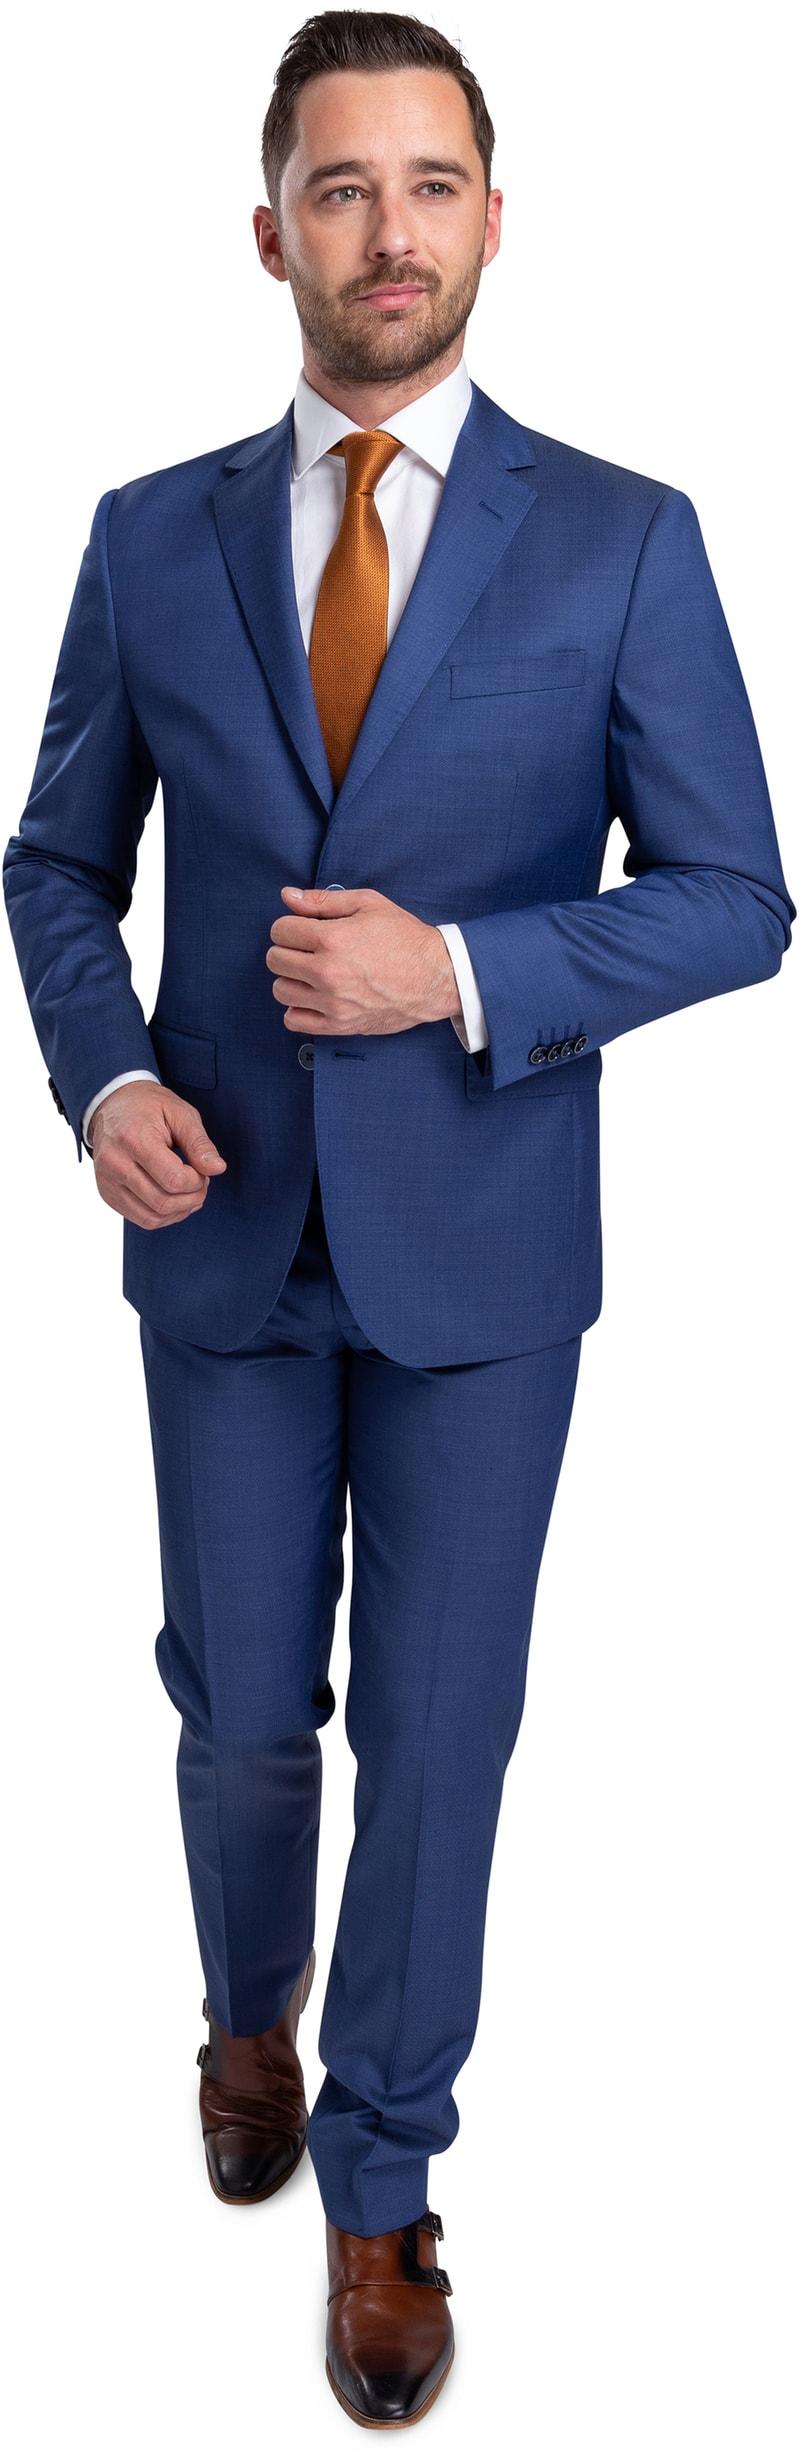 Suitable Suit Lucius Lyon Blue photo 0